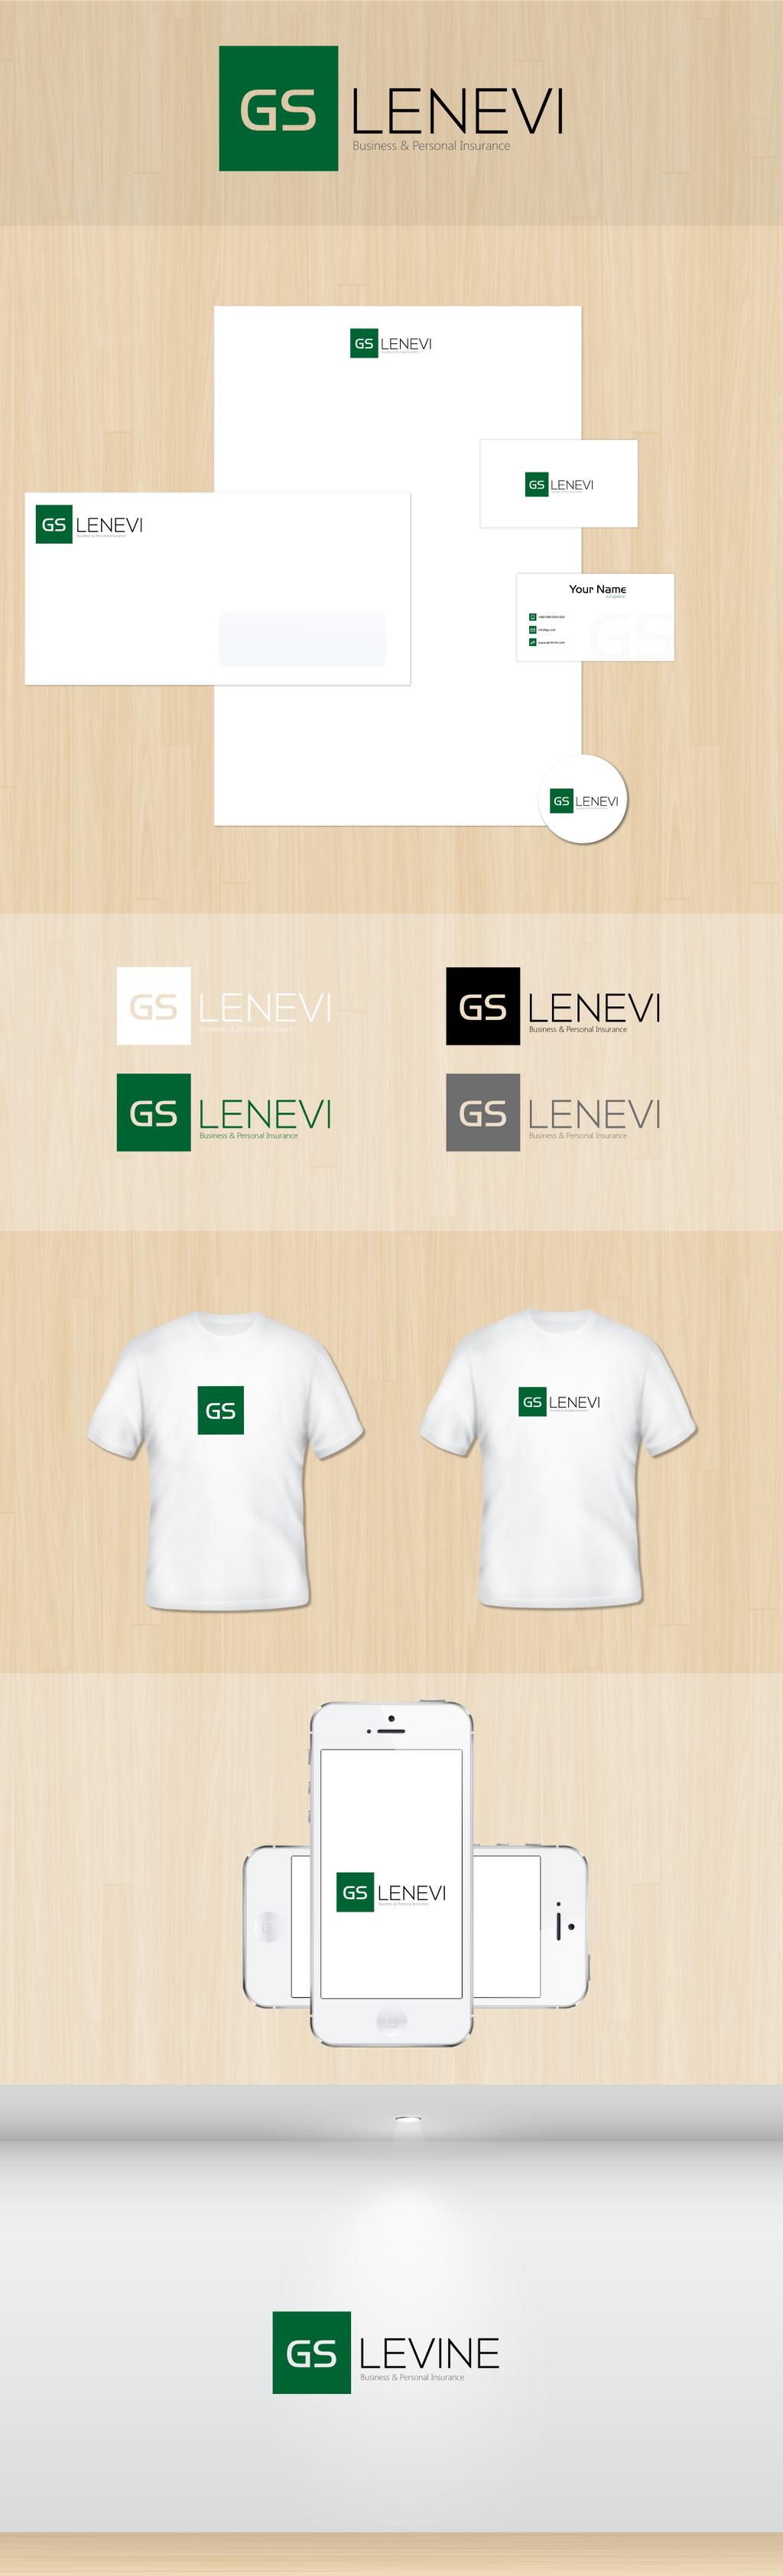 Draft logotypes